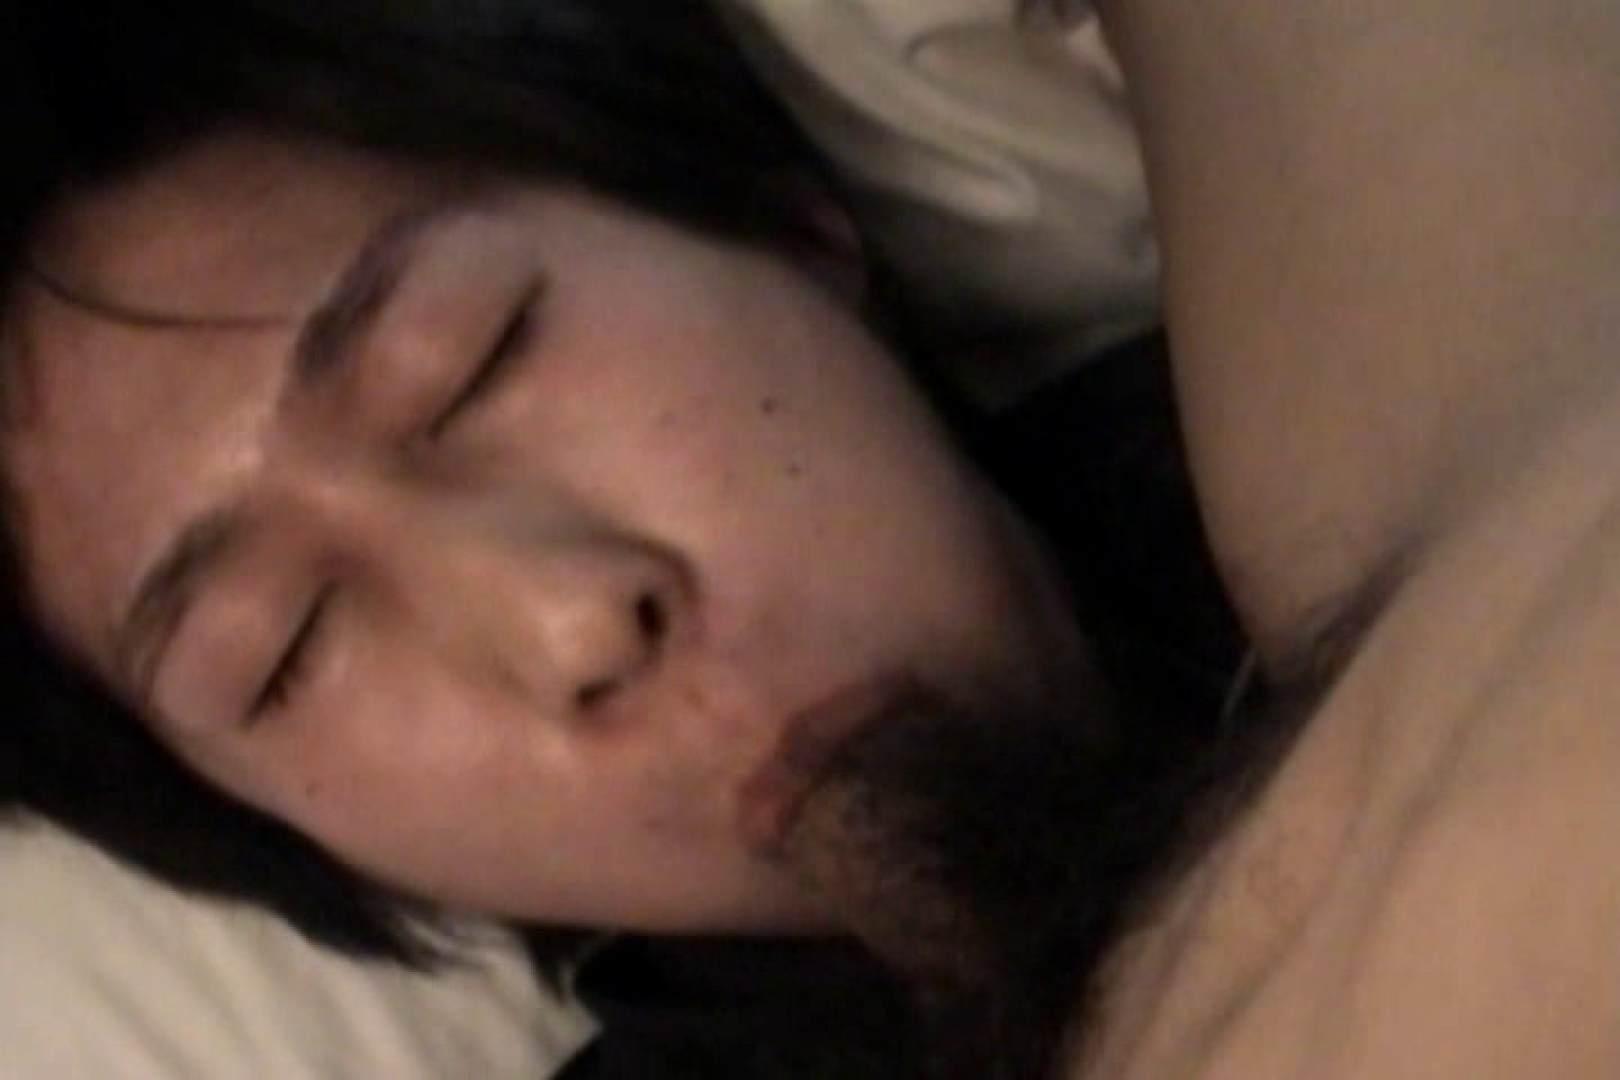 三ツ星シリーズ 魅惑のMemorial Night!! vol.04 フェラ ゲイ素人エロ画像 87枚 23